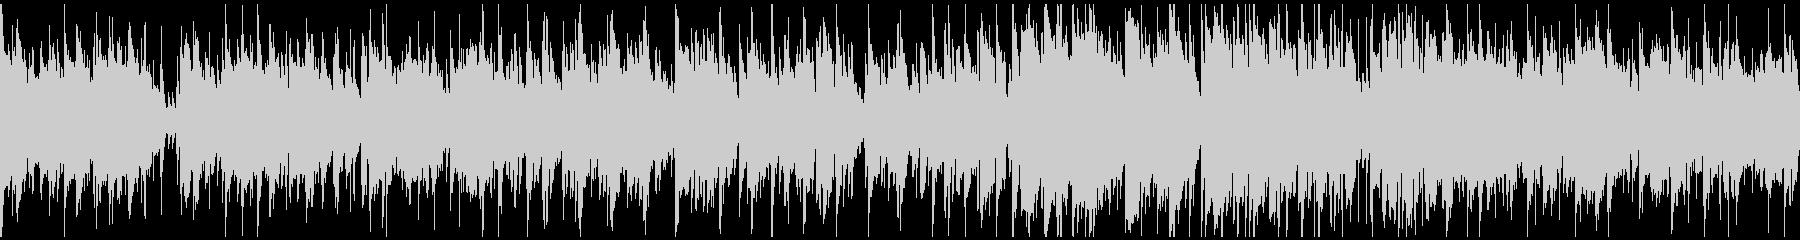 納涼ジャズボサノバ、リラックス※ループ版の未再生の波形